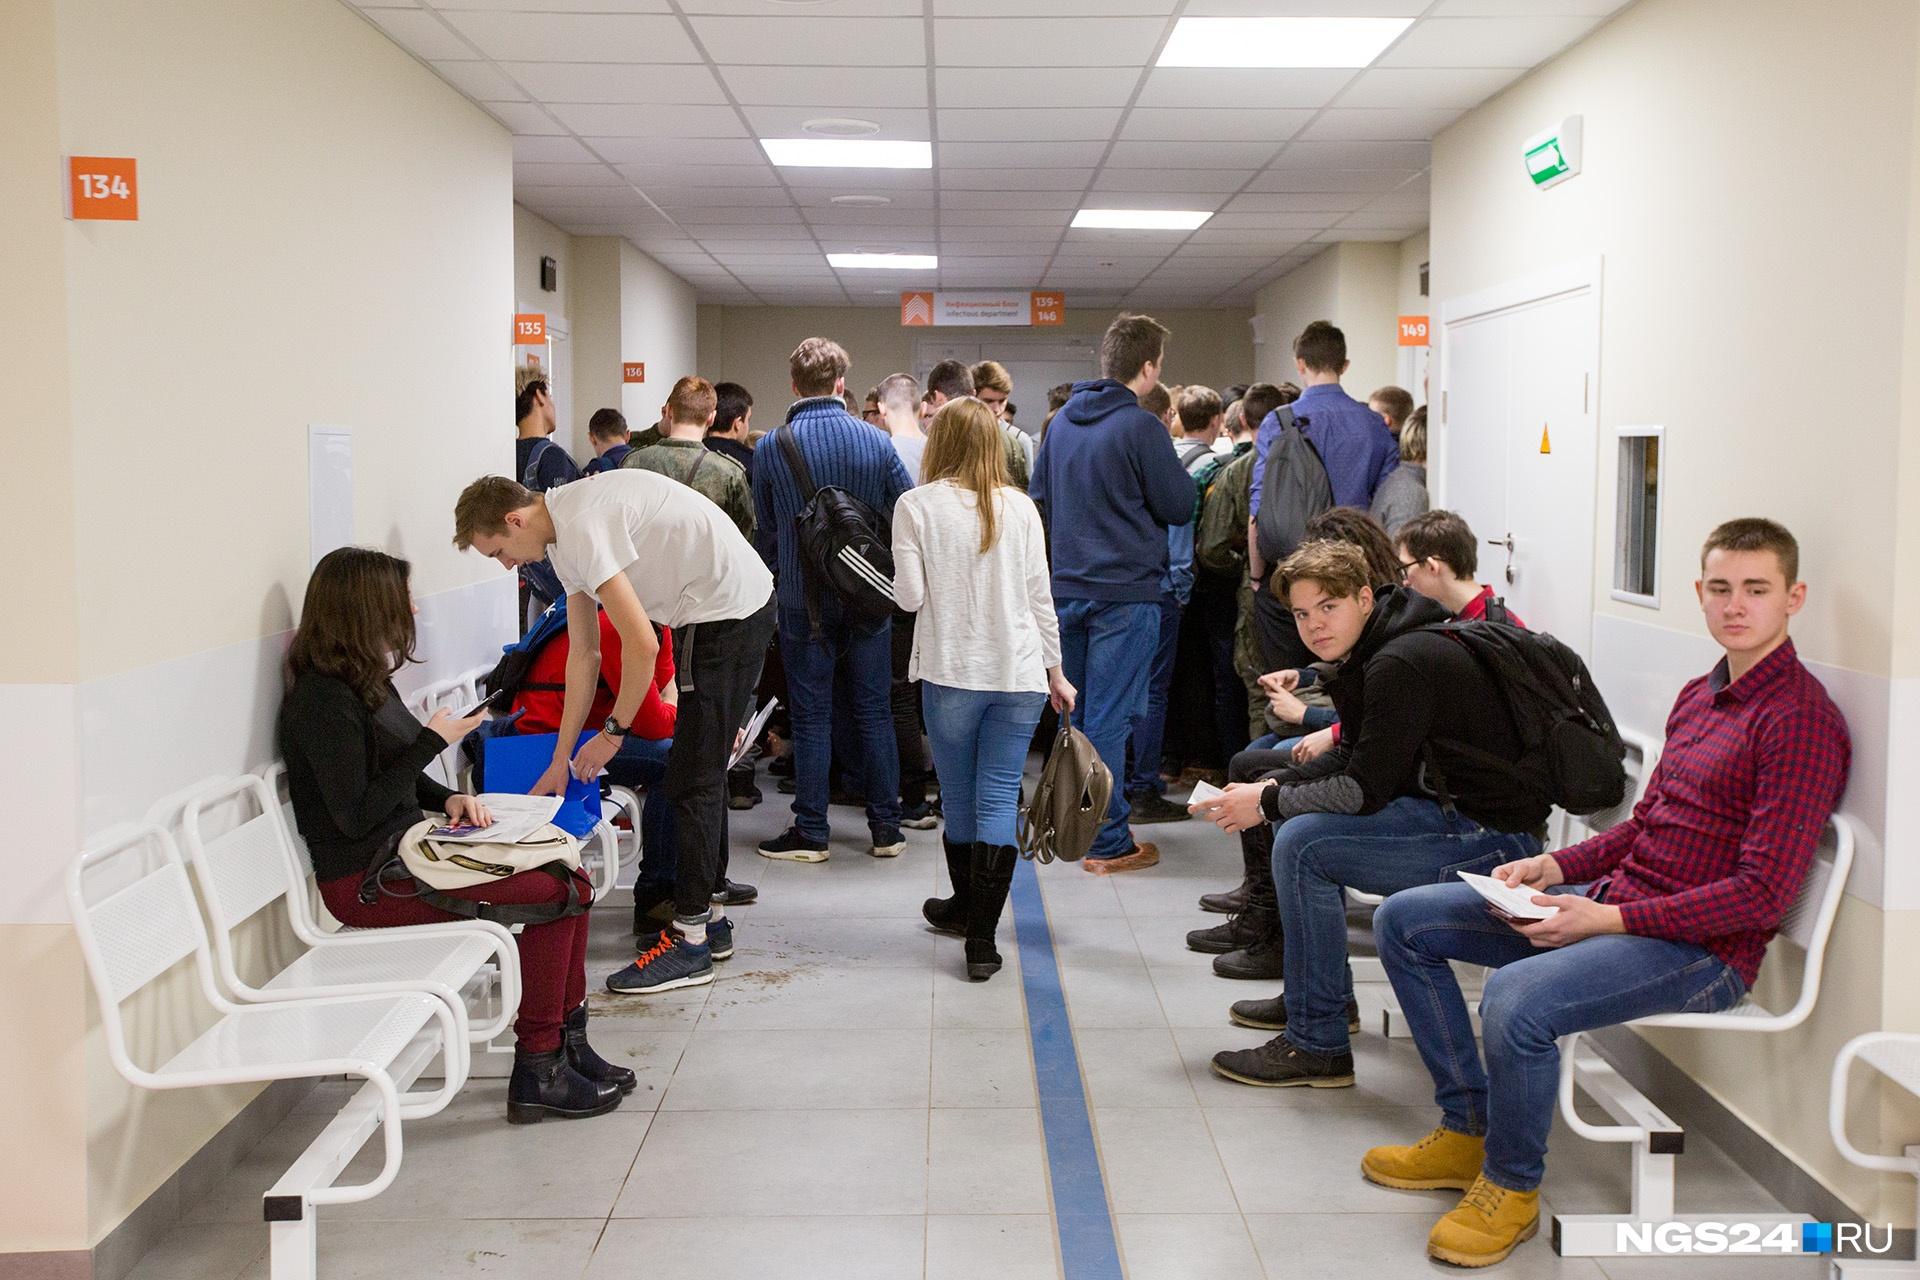 Двери в инфекционное отделение находятся сразу за толпой студентов